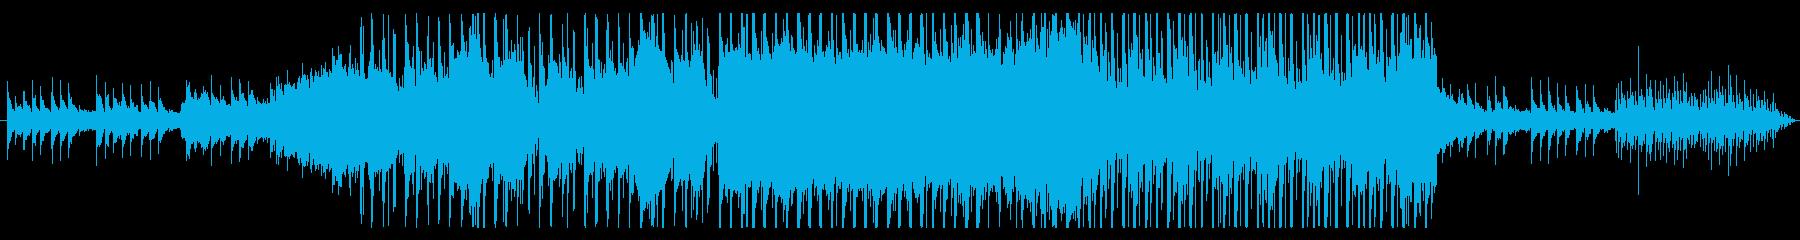 三味線風サウンドが印象的なEDMの再生済みの波形